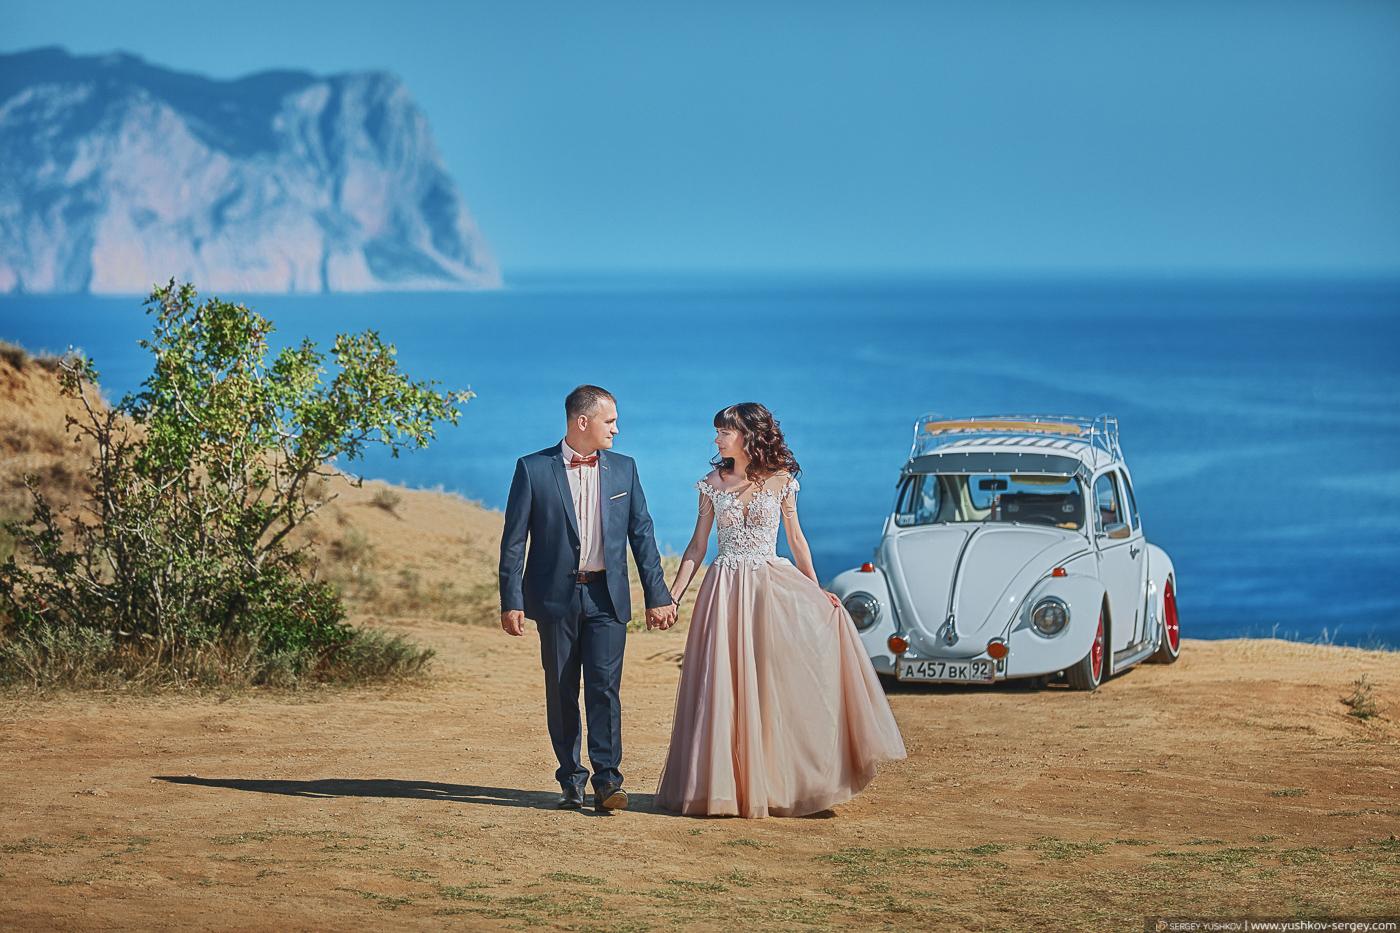 Свадьба для двоих в Крыму. Мыс Фиолент. Свадебный фотограф - Сергей Юшков.